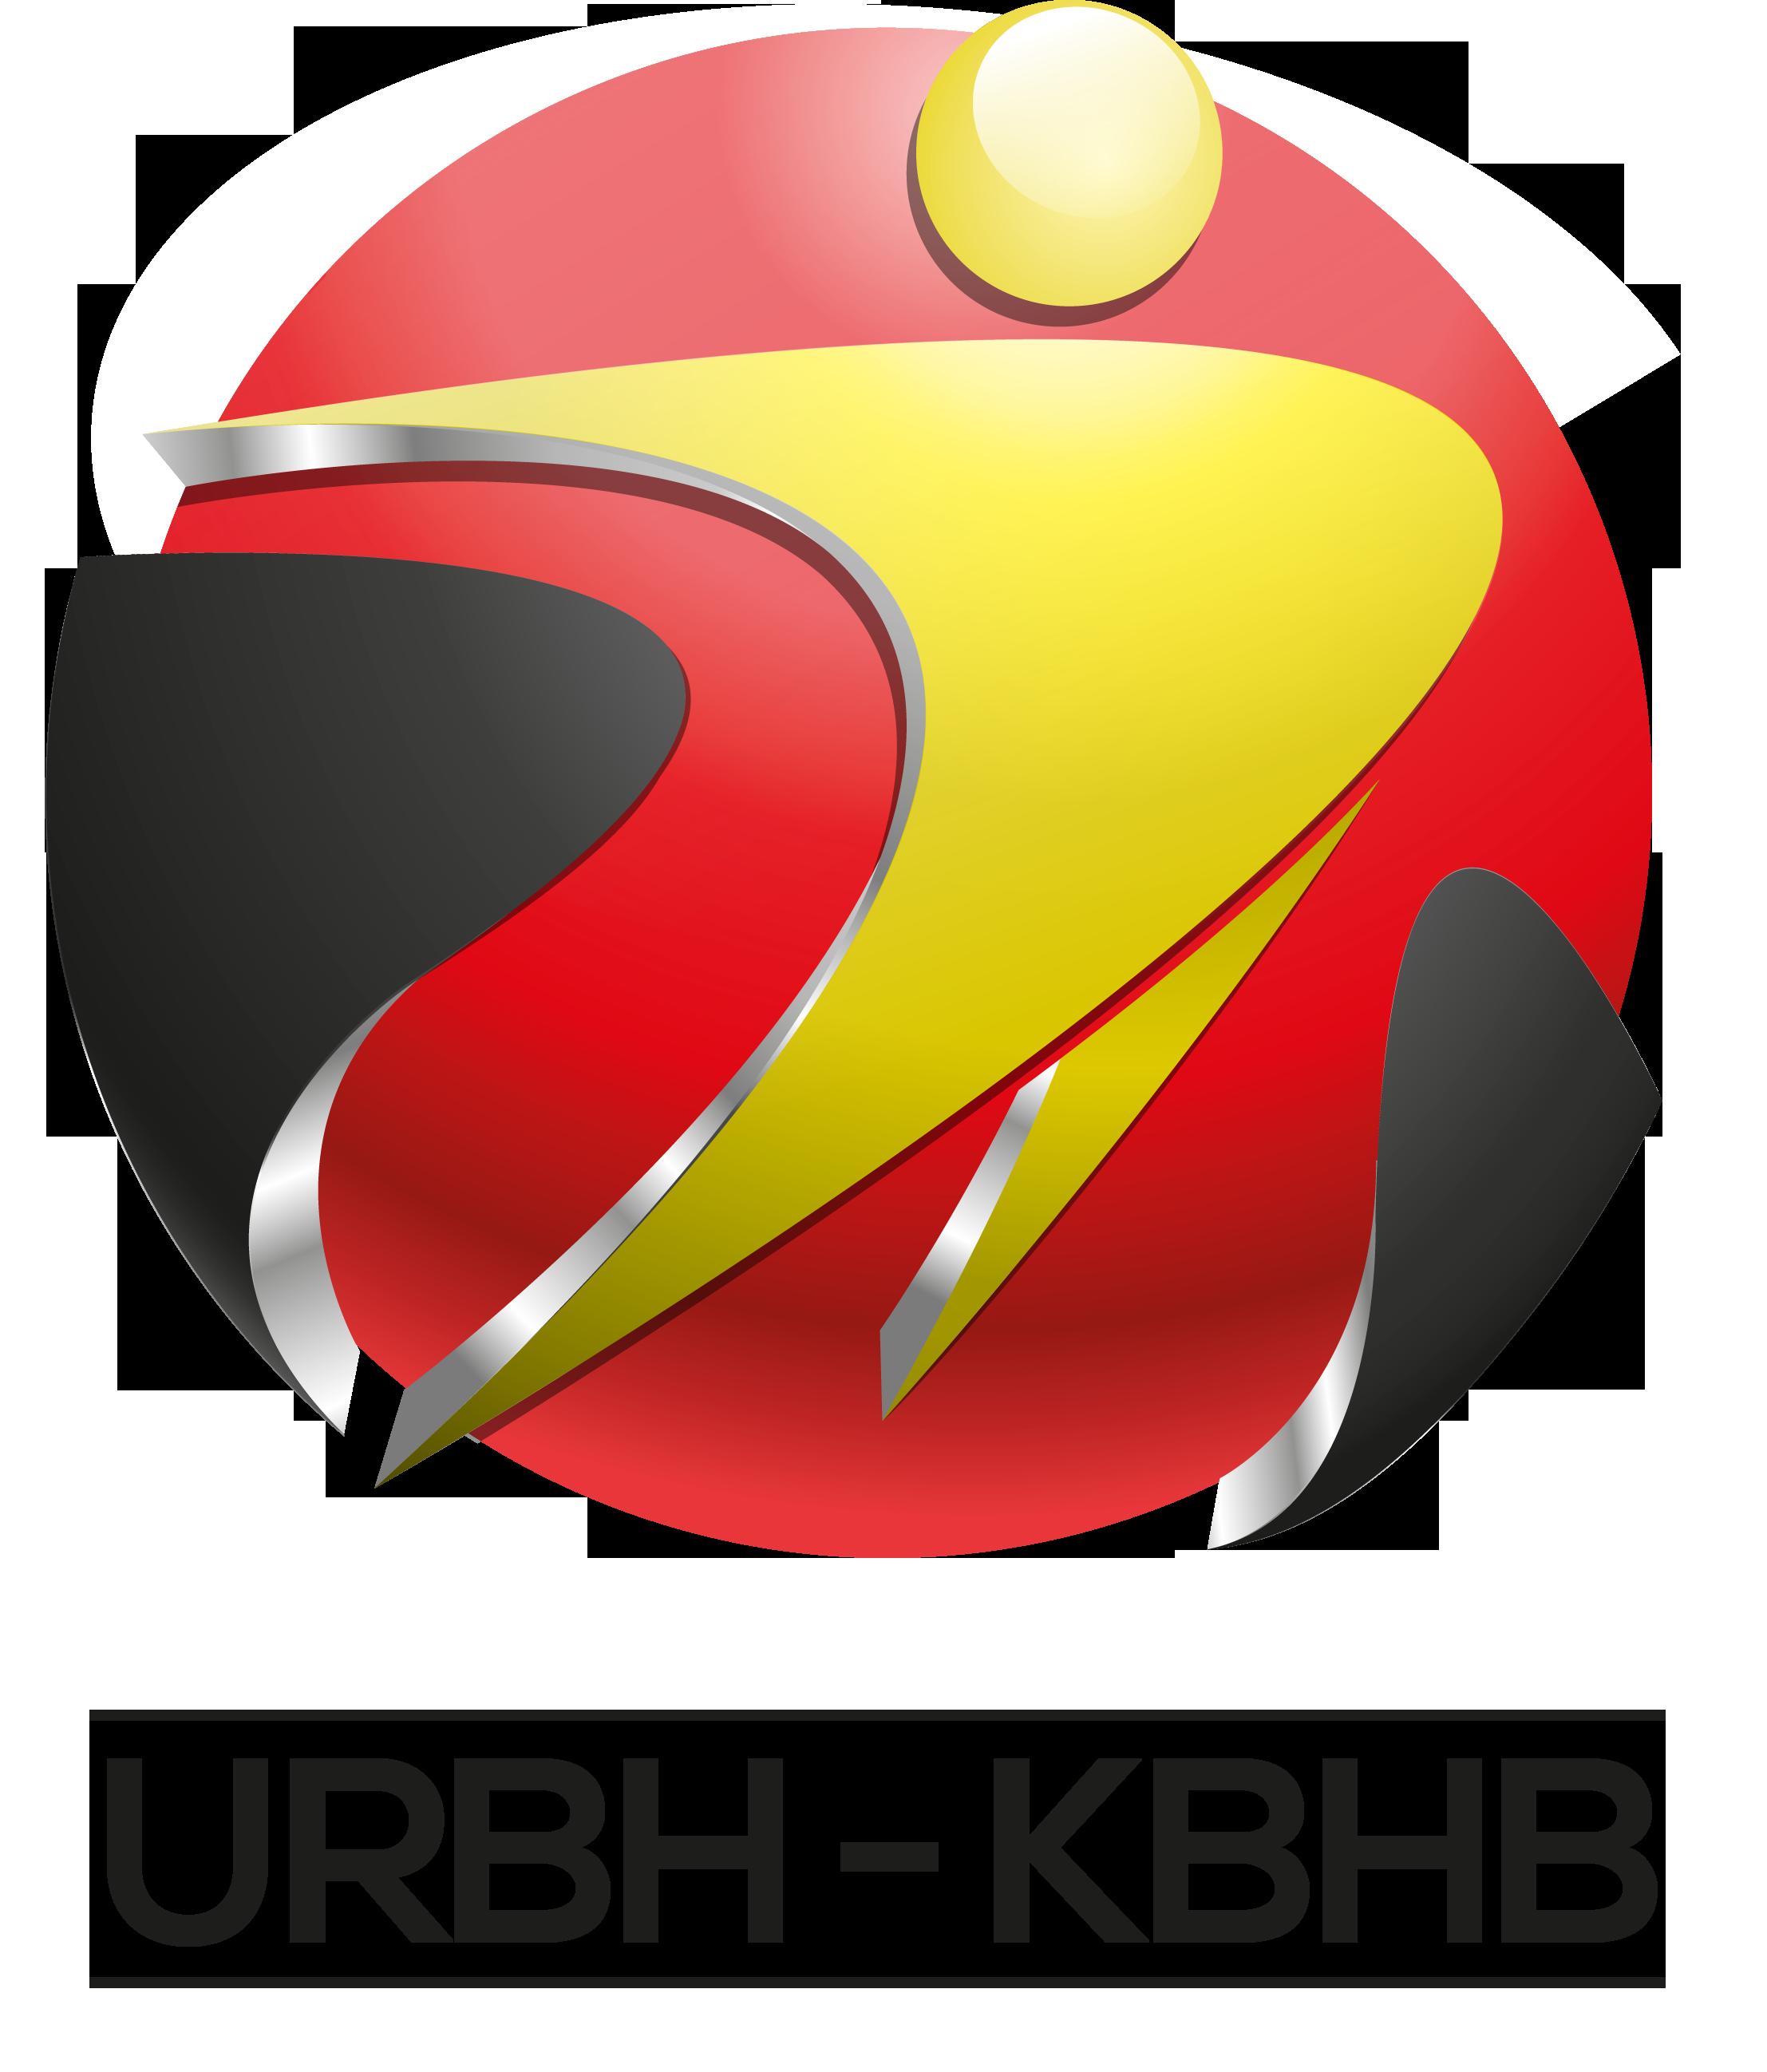 U.R.B.H. / K.B.H.B.